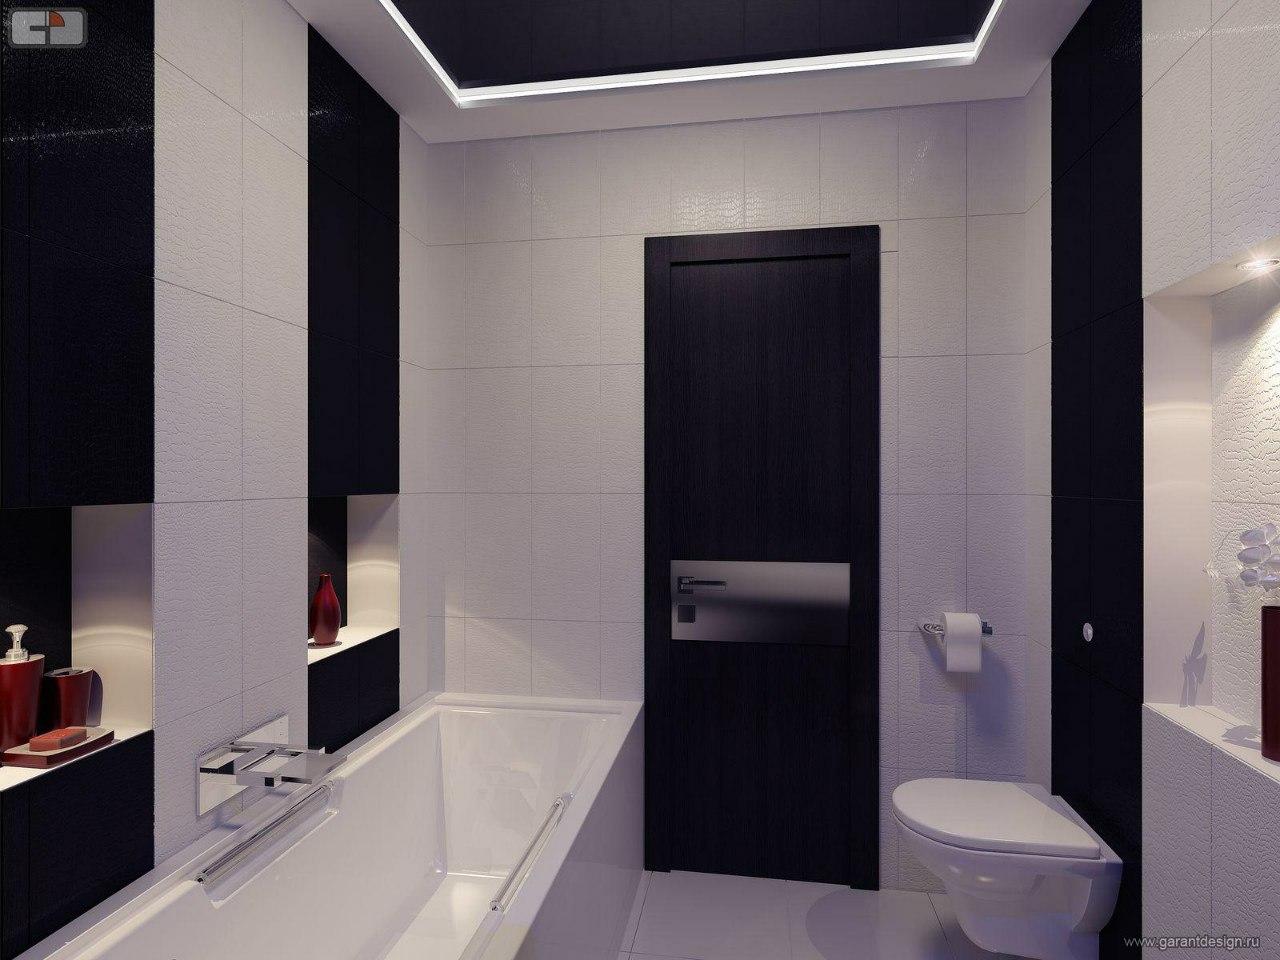 Концепт квартиры 39,6 м под названием Light Loft от ГК ГарантДизайн, Москва.